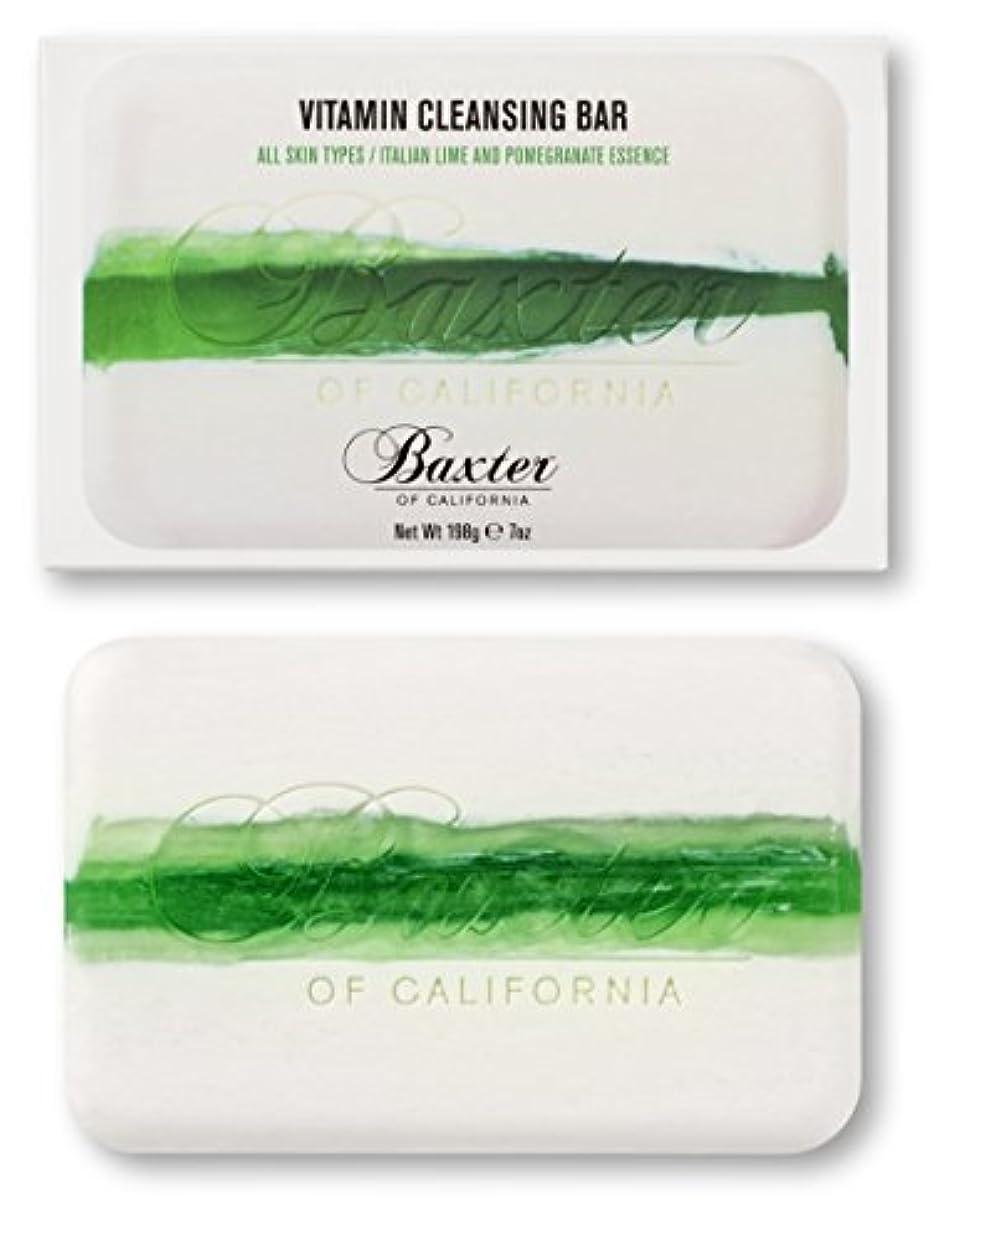 スライスぶどう花火Baxter OF CALIFORNIA(バクスター オブ カリフォルニア) ビタミンクレンジングバー イタリアンライム&ポメグラネート 198g